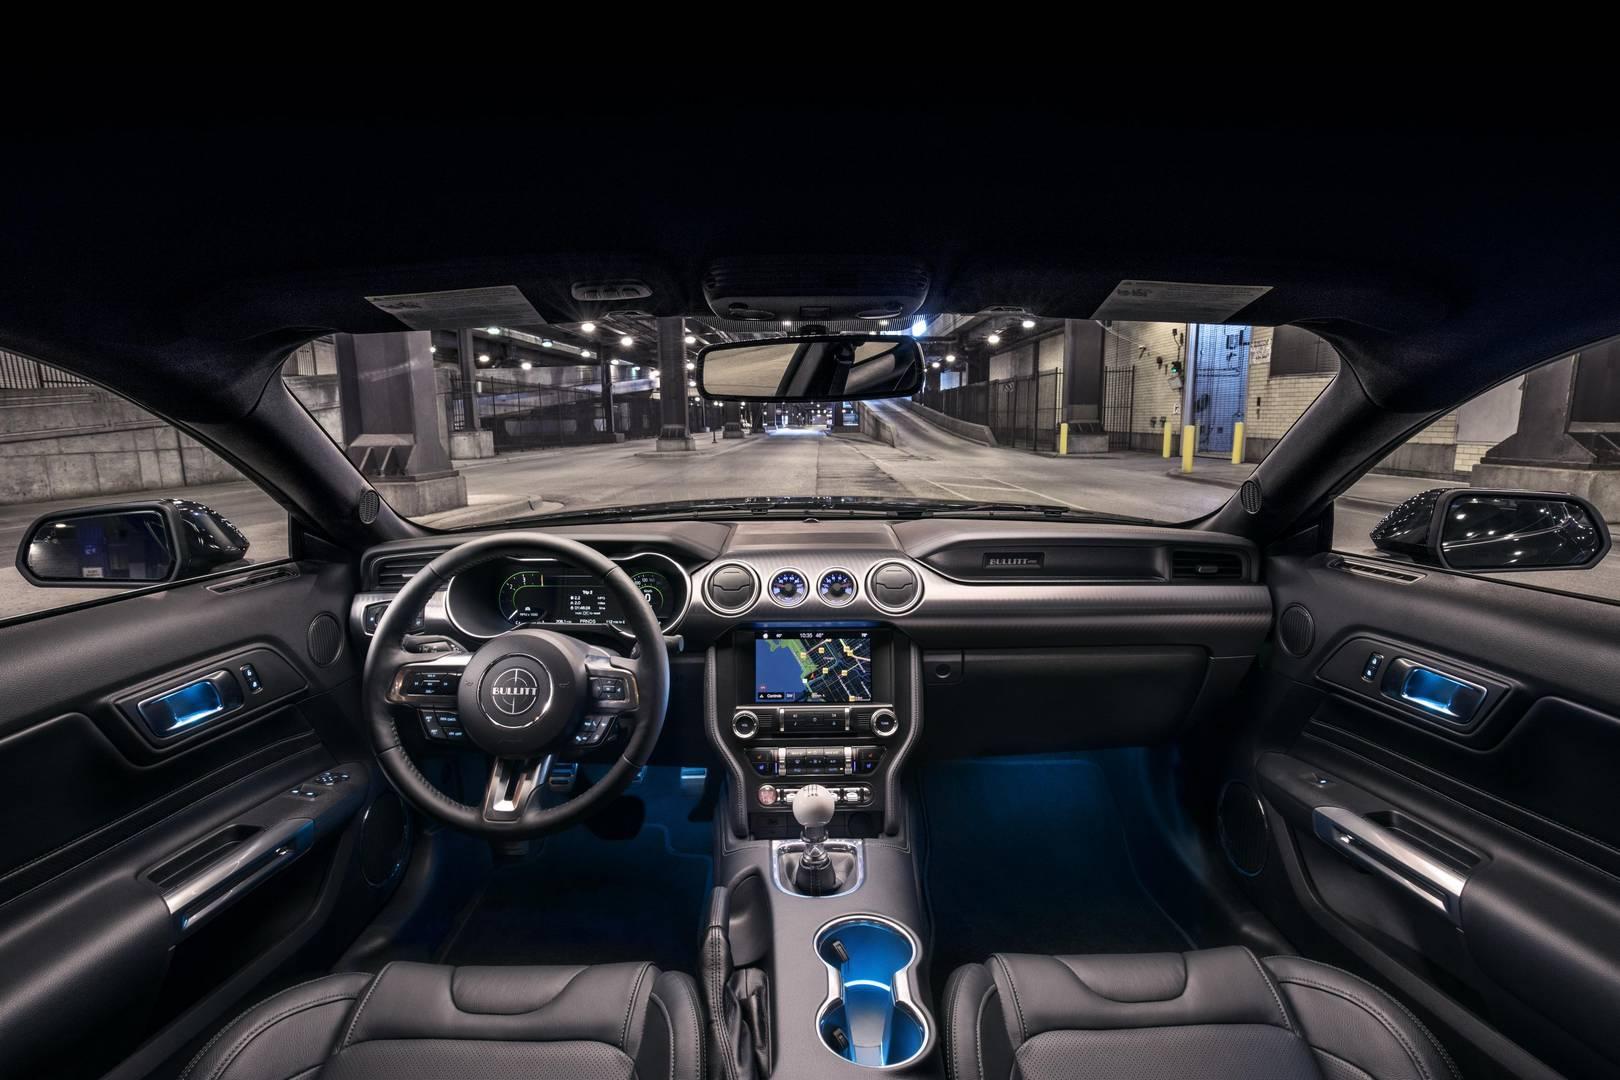 Пакет Bullitt Electronics включает в себя навигацию, сиденья и зеркала с памятью водителя, улучшенную звуковую систему и информационную систему слепых зон с предупреждением о перекрестном движении. MagneRide включает в себя полуактивную систему подве